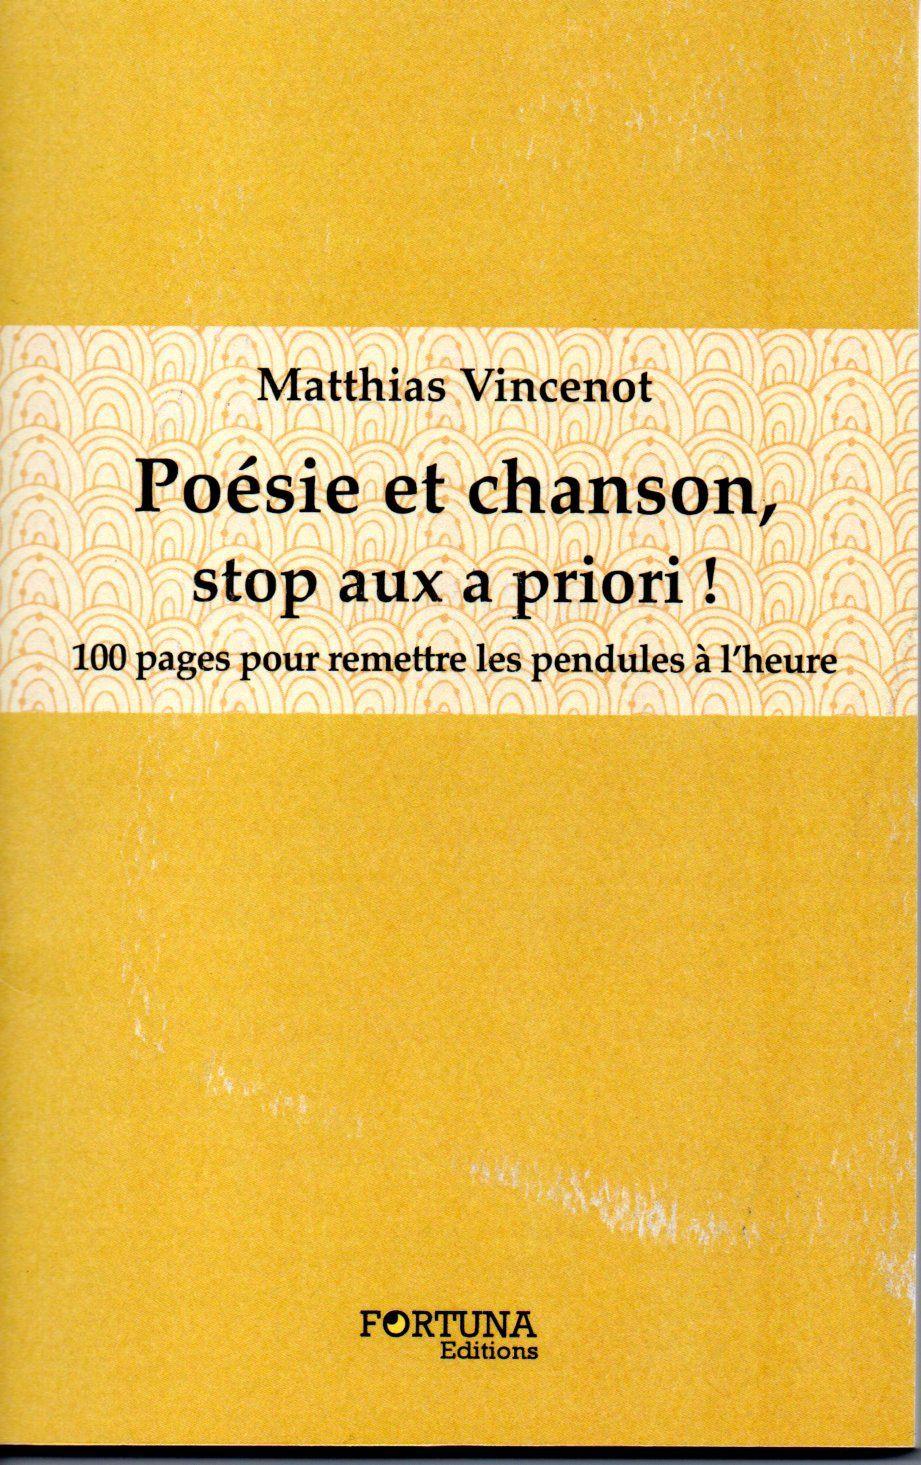 Poésie et chanson, stop aux a priori ! 100 pages pour remettre les pendules à l'heure. Matthias Vincenot. Editions Fortuna, 2017 .